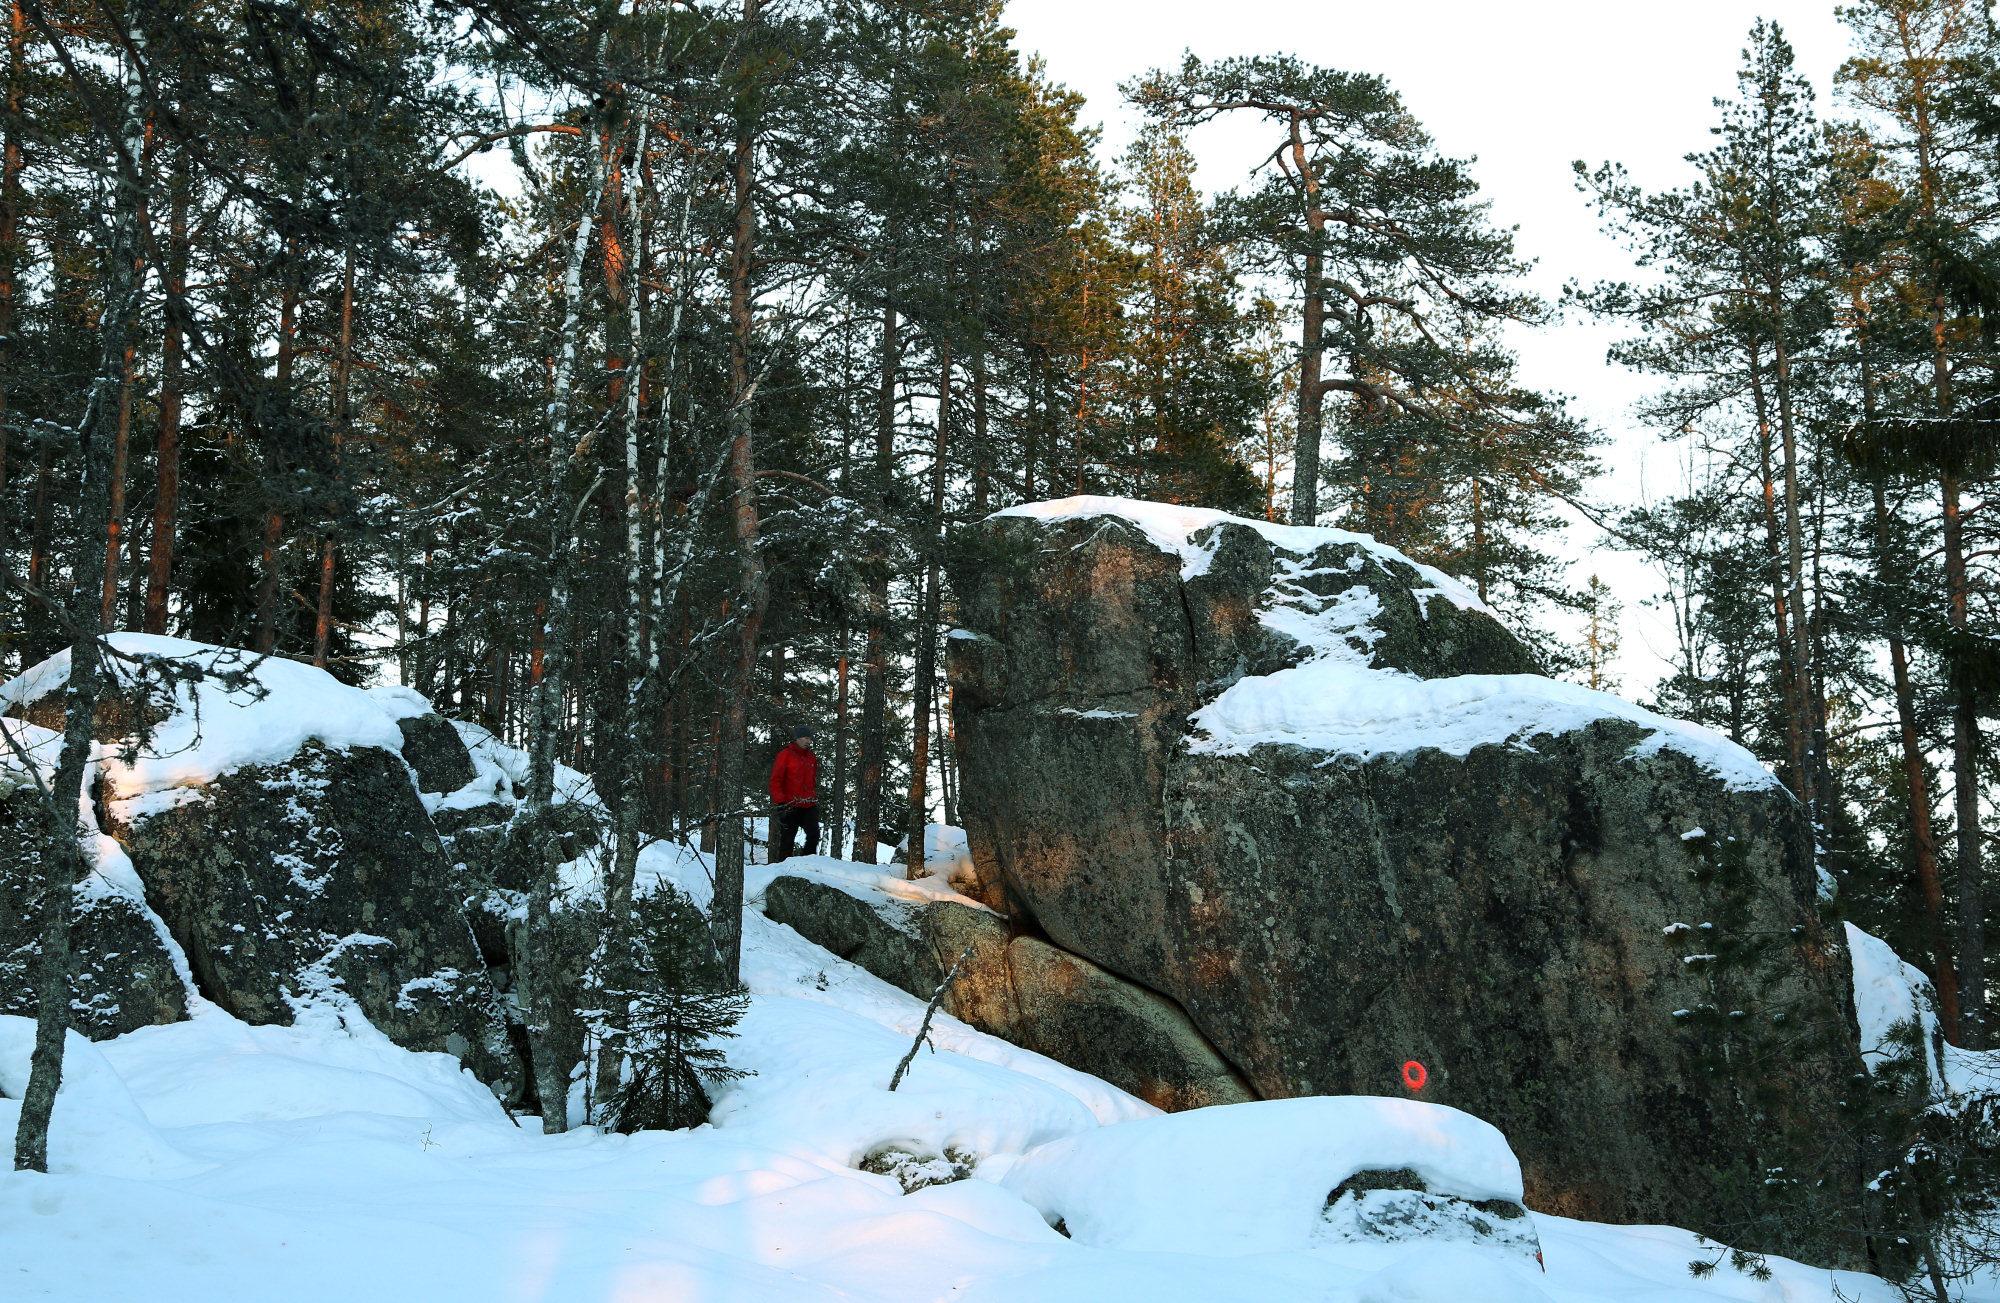 Taikapolku Kakkorin kivimiesten jäljillä - Karijoen Kakkorinvuoren rinteillä on hienoja kallioita, joilta löytyy myös kivimiesten työmaita.